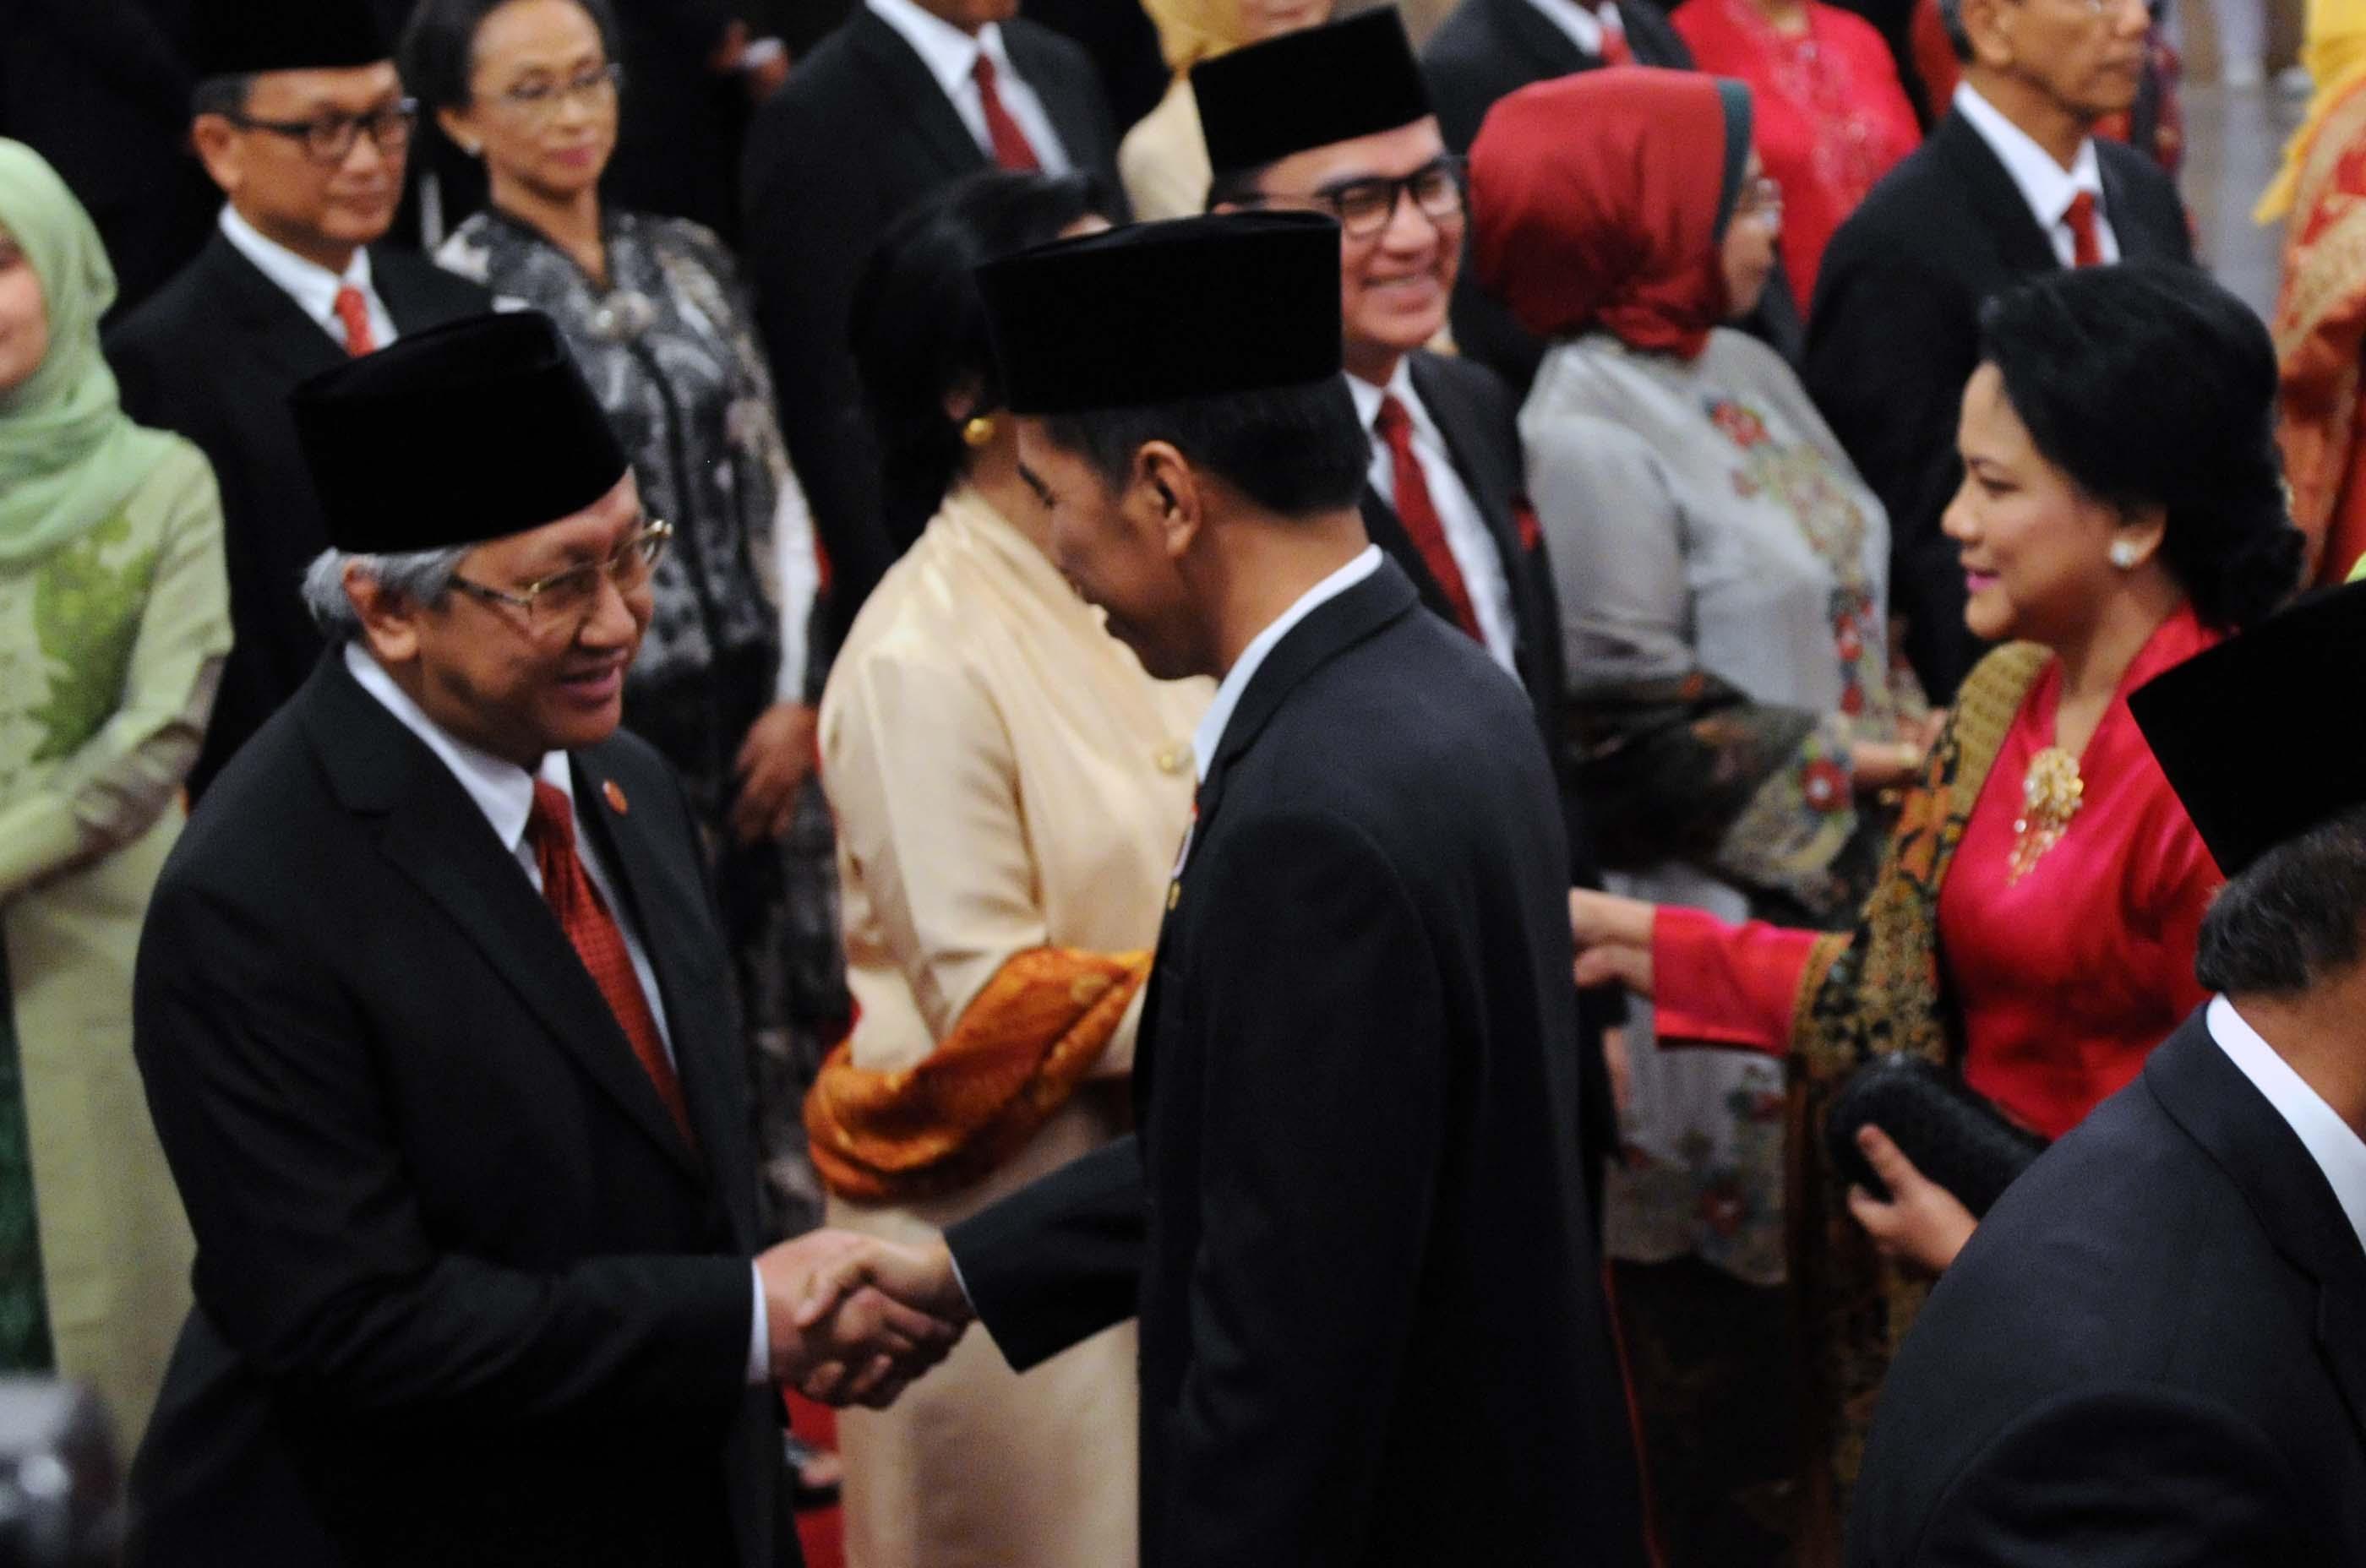 Presiden Jokowi didampingi Ibu Negara Iriana memberikan ucapan selamat kepada 17 dubes LBBP RI yang baru dilantiknya, di Istana Negara, Jakarta, Senin (13/3) siang. (Foto: JAY/Humas)